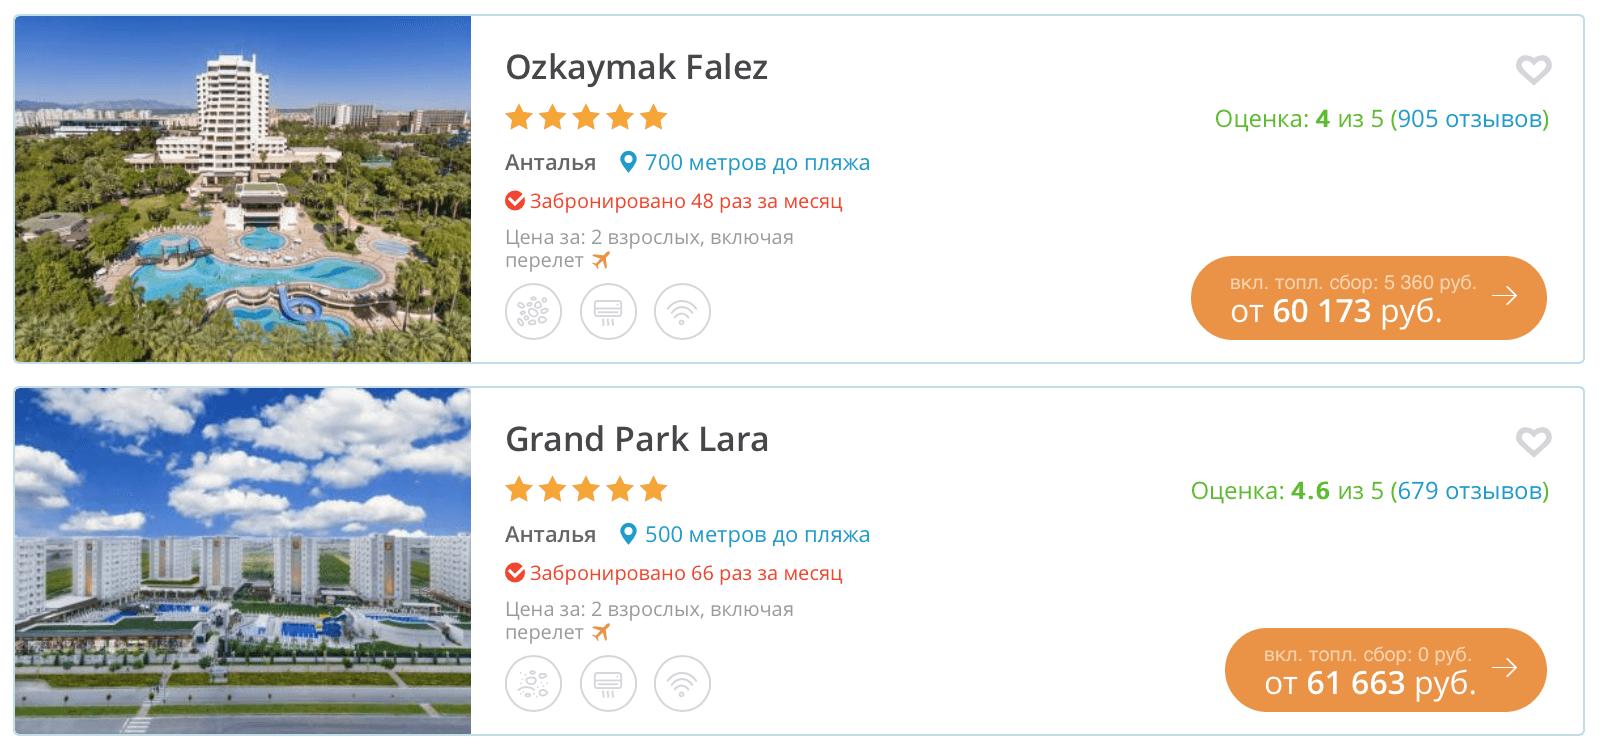 tur v turciju kemer centr 25 628 rub chel - Тур в Турцию Кемер-Центр 25 628 руб. чел.